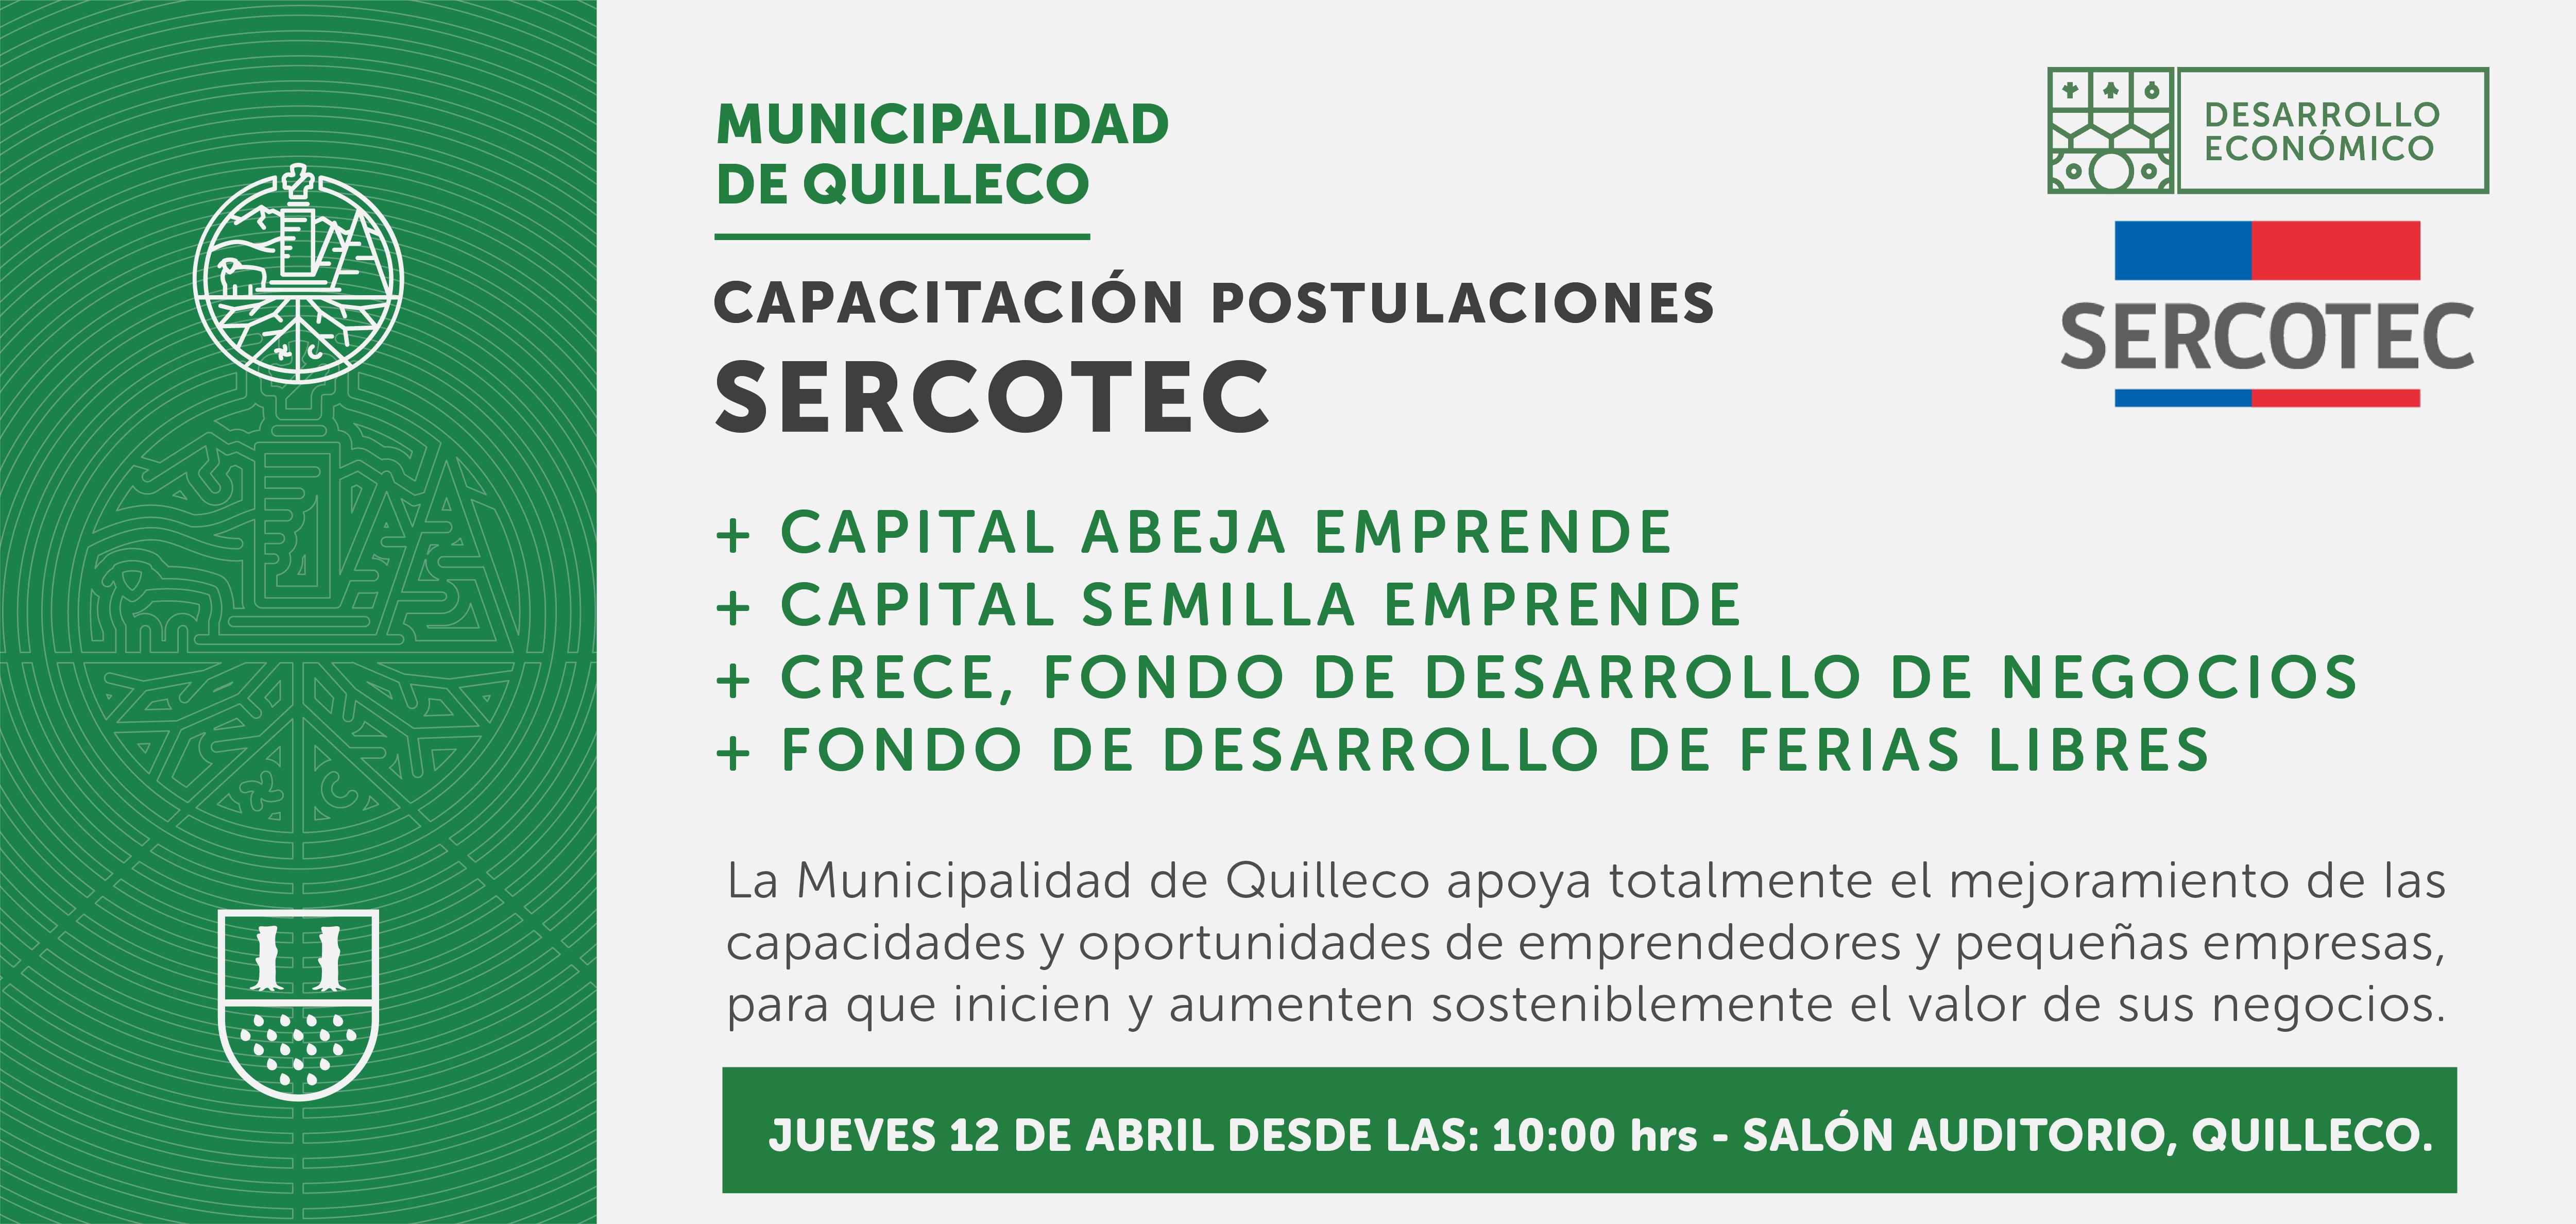 La UNIDAD DE DESARROLLO ECONÓMICO E INNOVACIÓN invita a emprendedores a la capacitación para postulaciones a los instrumentos de fomento público SERCOTEC.